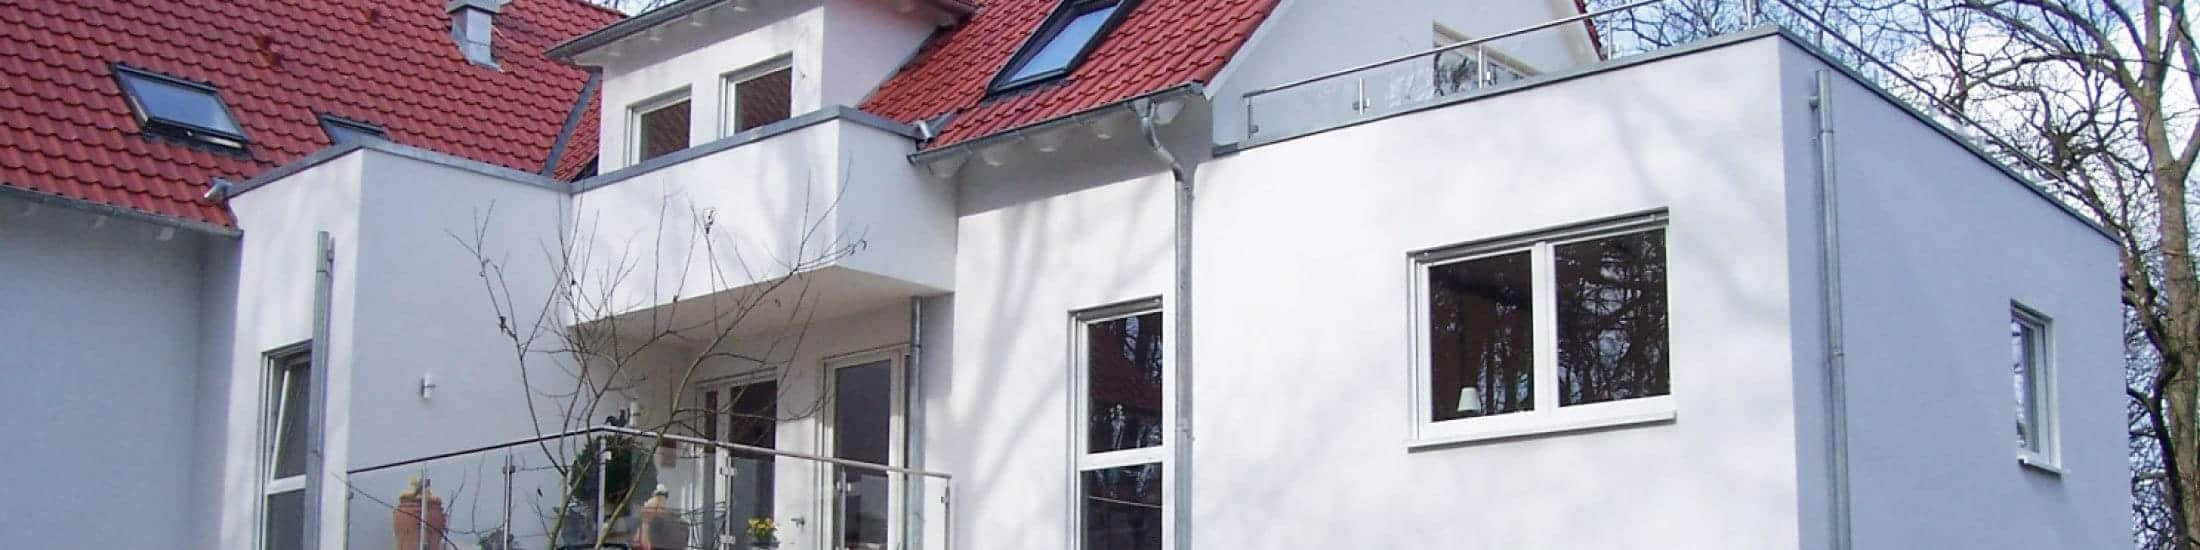 Umbau Anbau Mehrfamilienhaus Bannwegbau